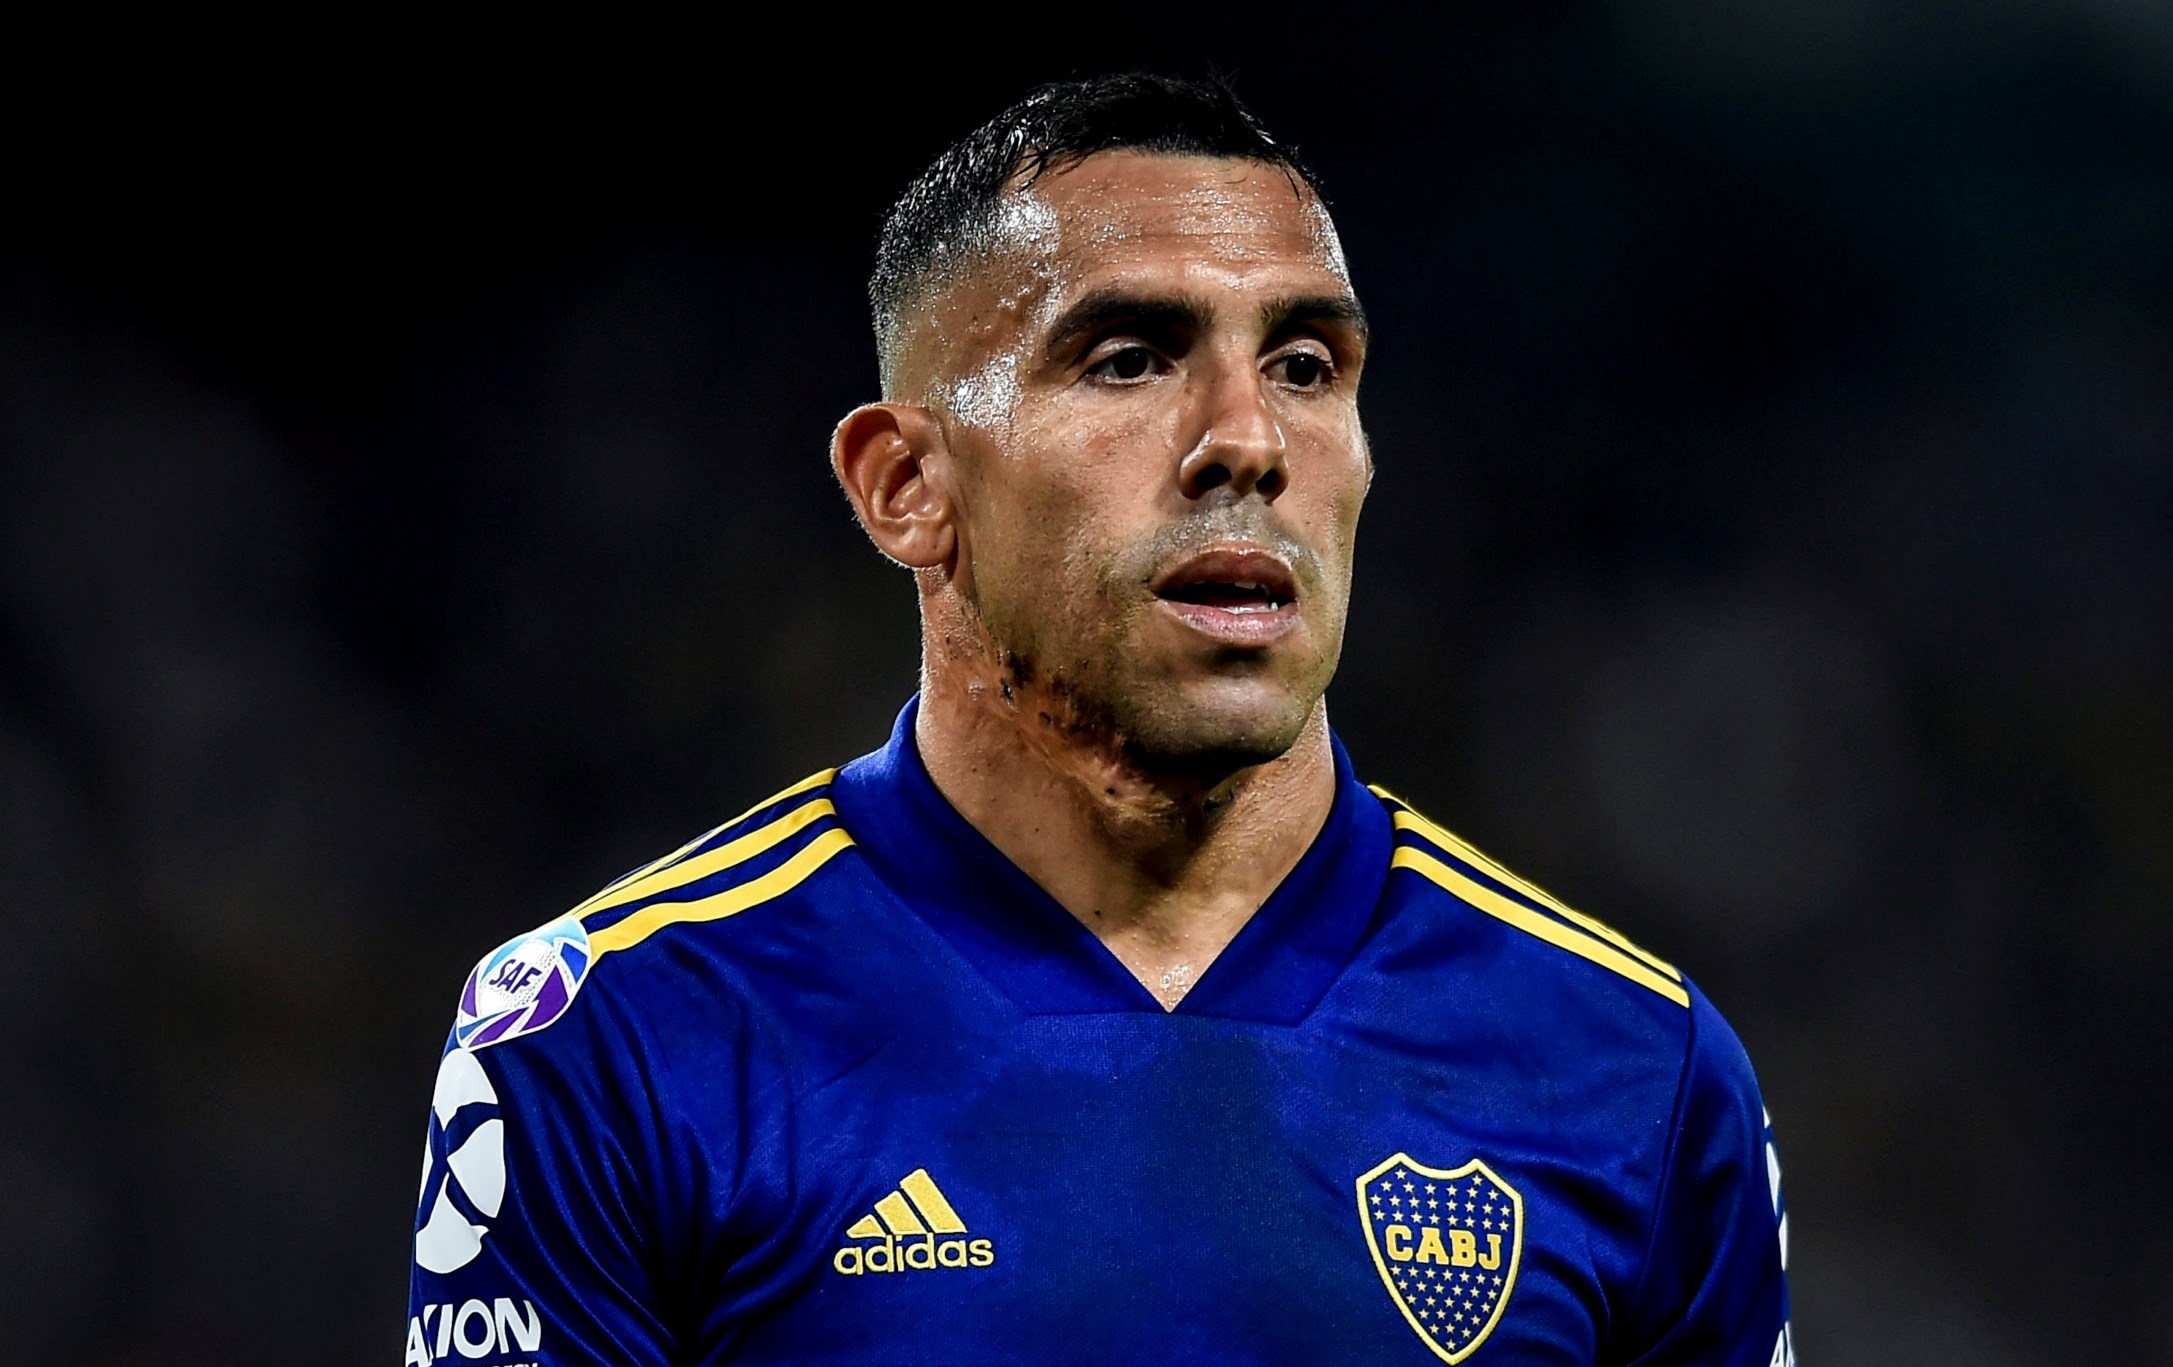 عاد تيفيز وزملاؤه سريعاً إلى الأرجنتين